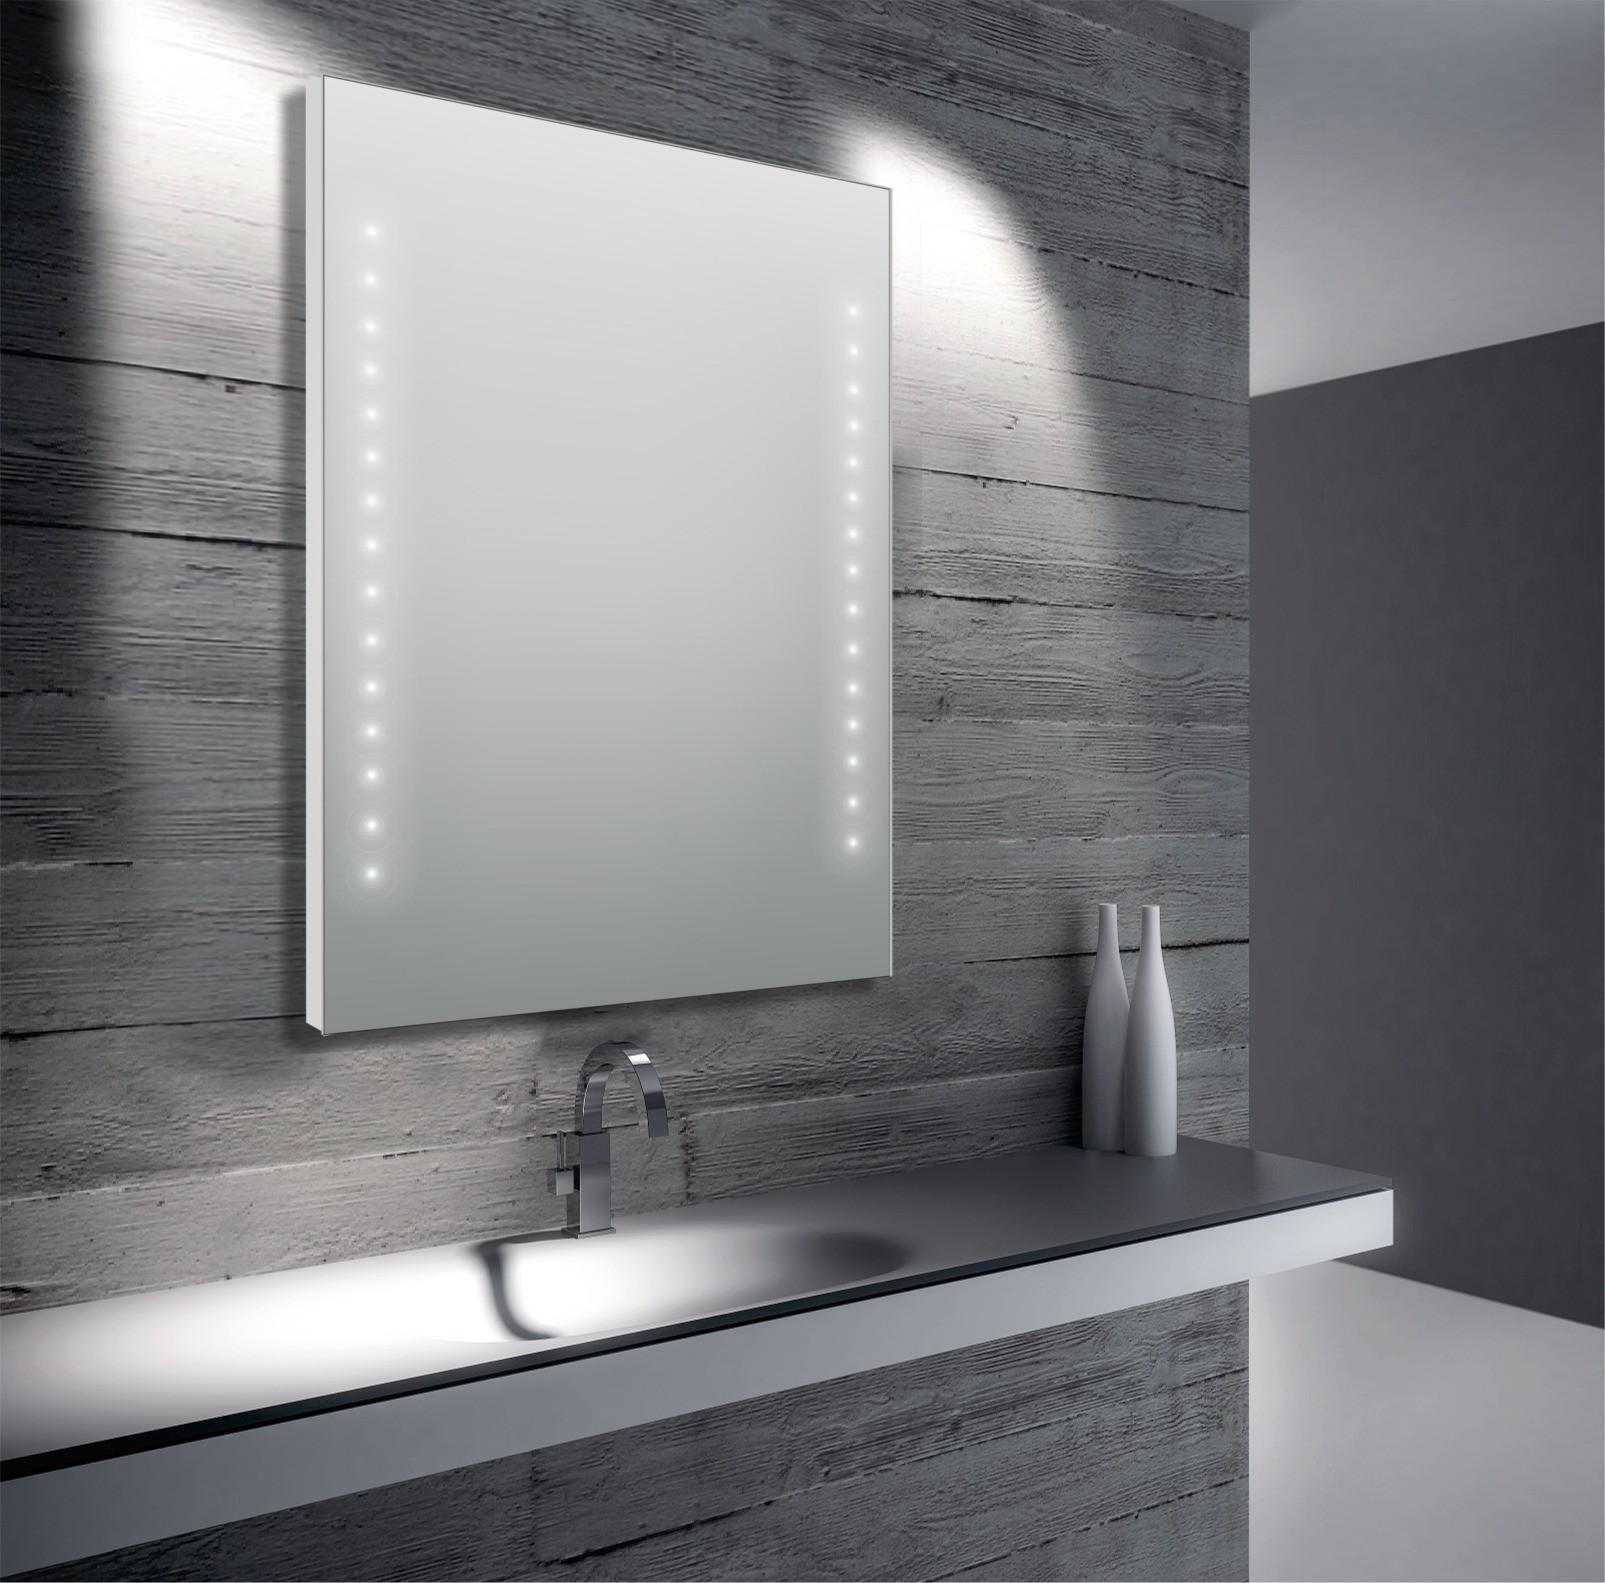 Mobile con tavolo estraibile ikea - Luci a led per specchio bagno ...